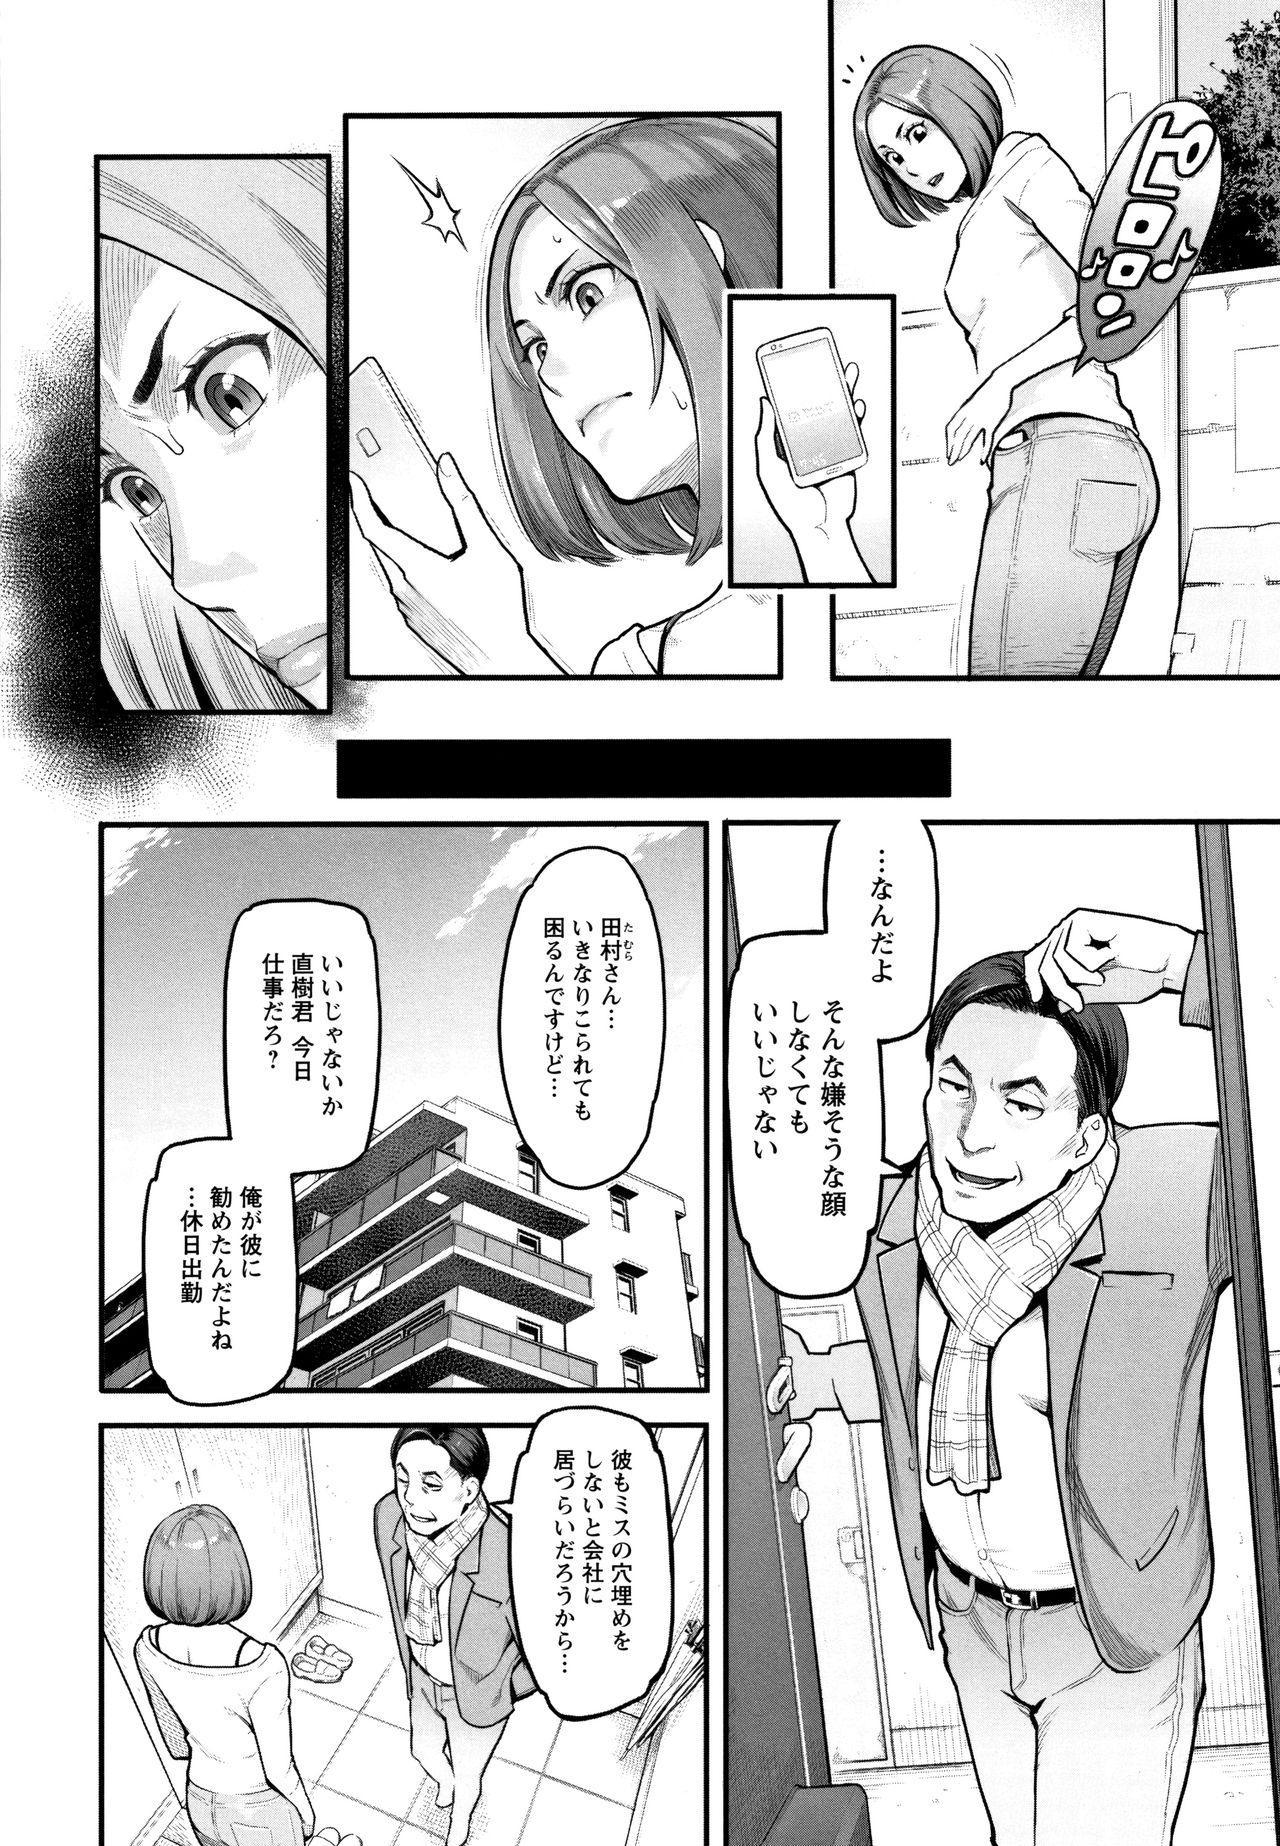 Toketa Risei wa Biyaku no Kaori 138